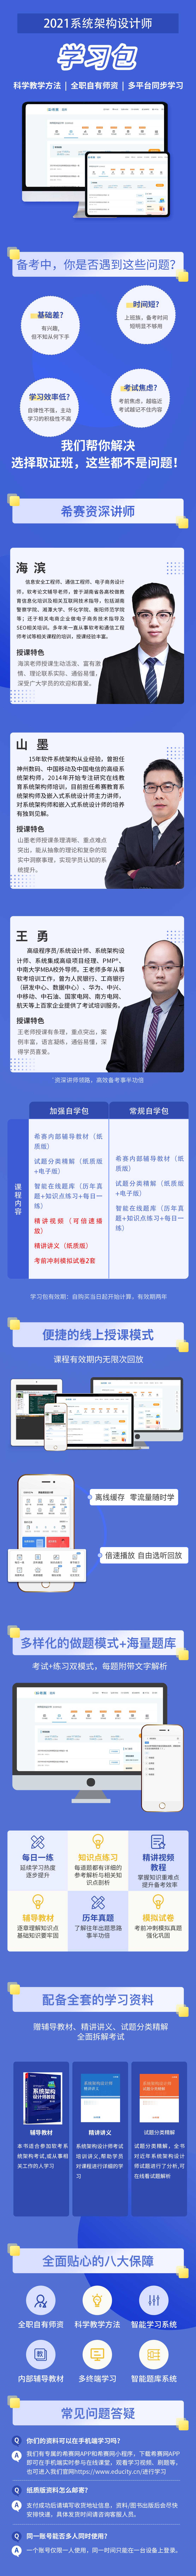 系统架构设计师(4).png